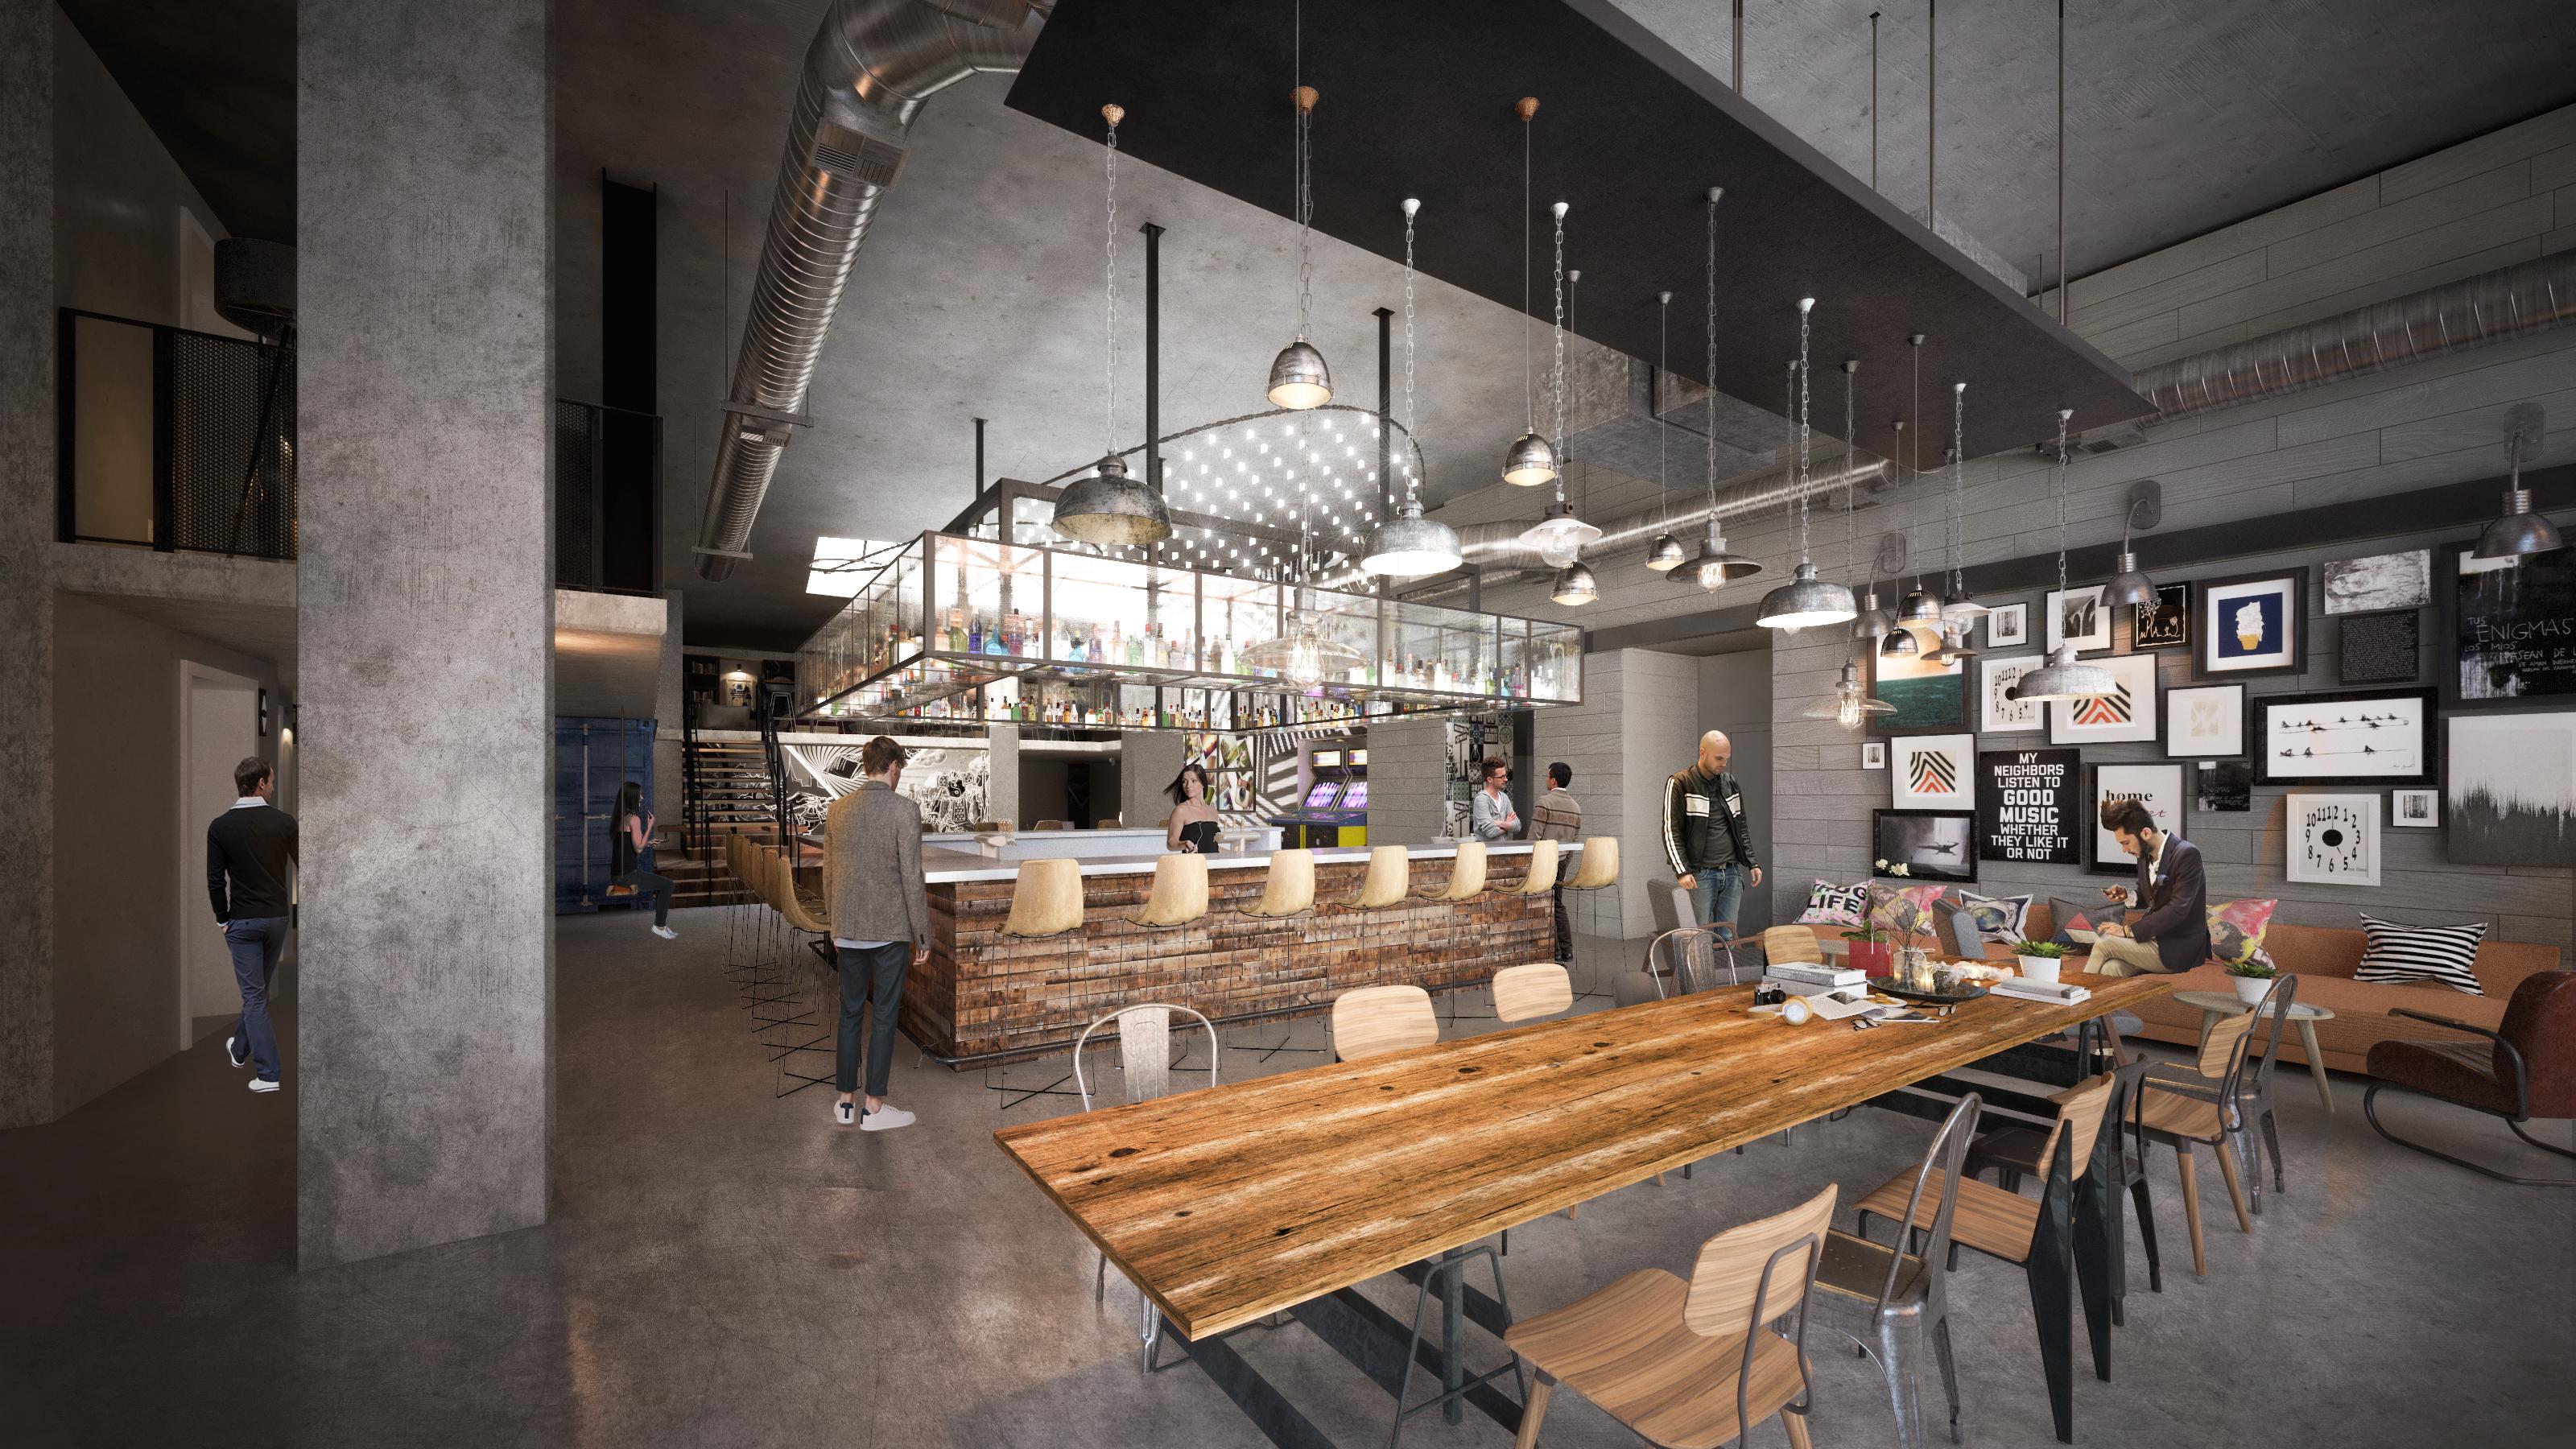 Moxy San Diego Lobby rendering